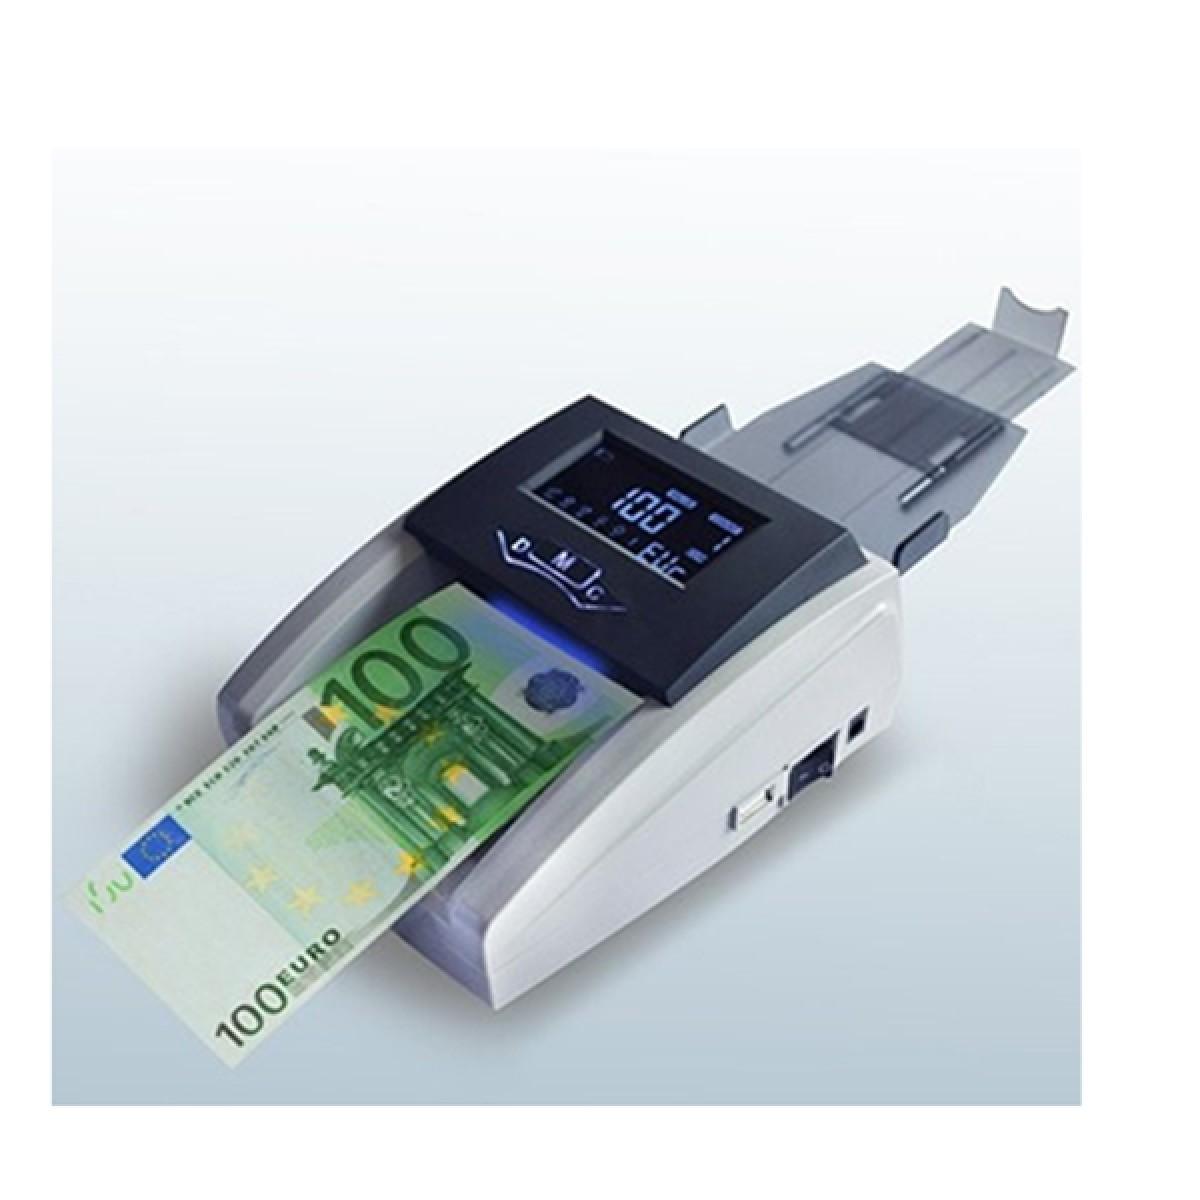 Ανιχνευτής πλαστών χαρτονομισμάτων HL-306-OEM